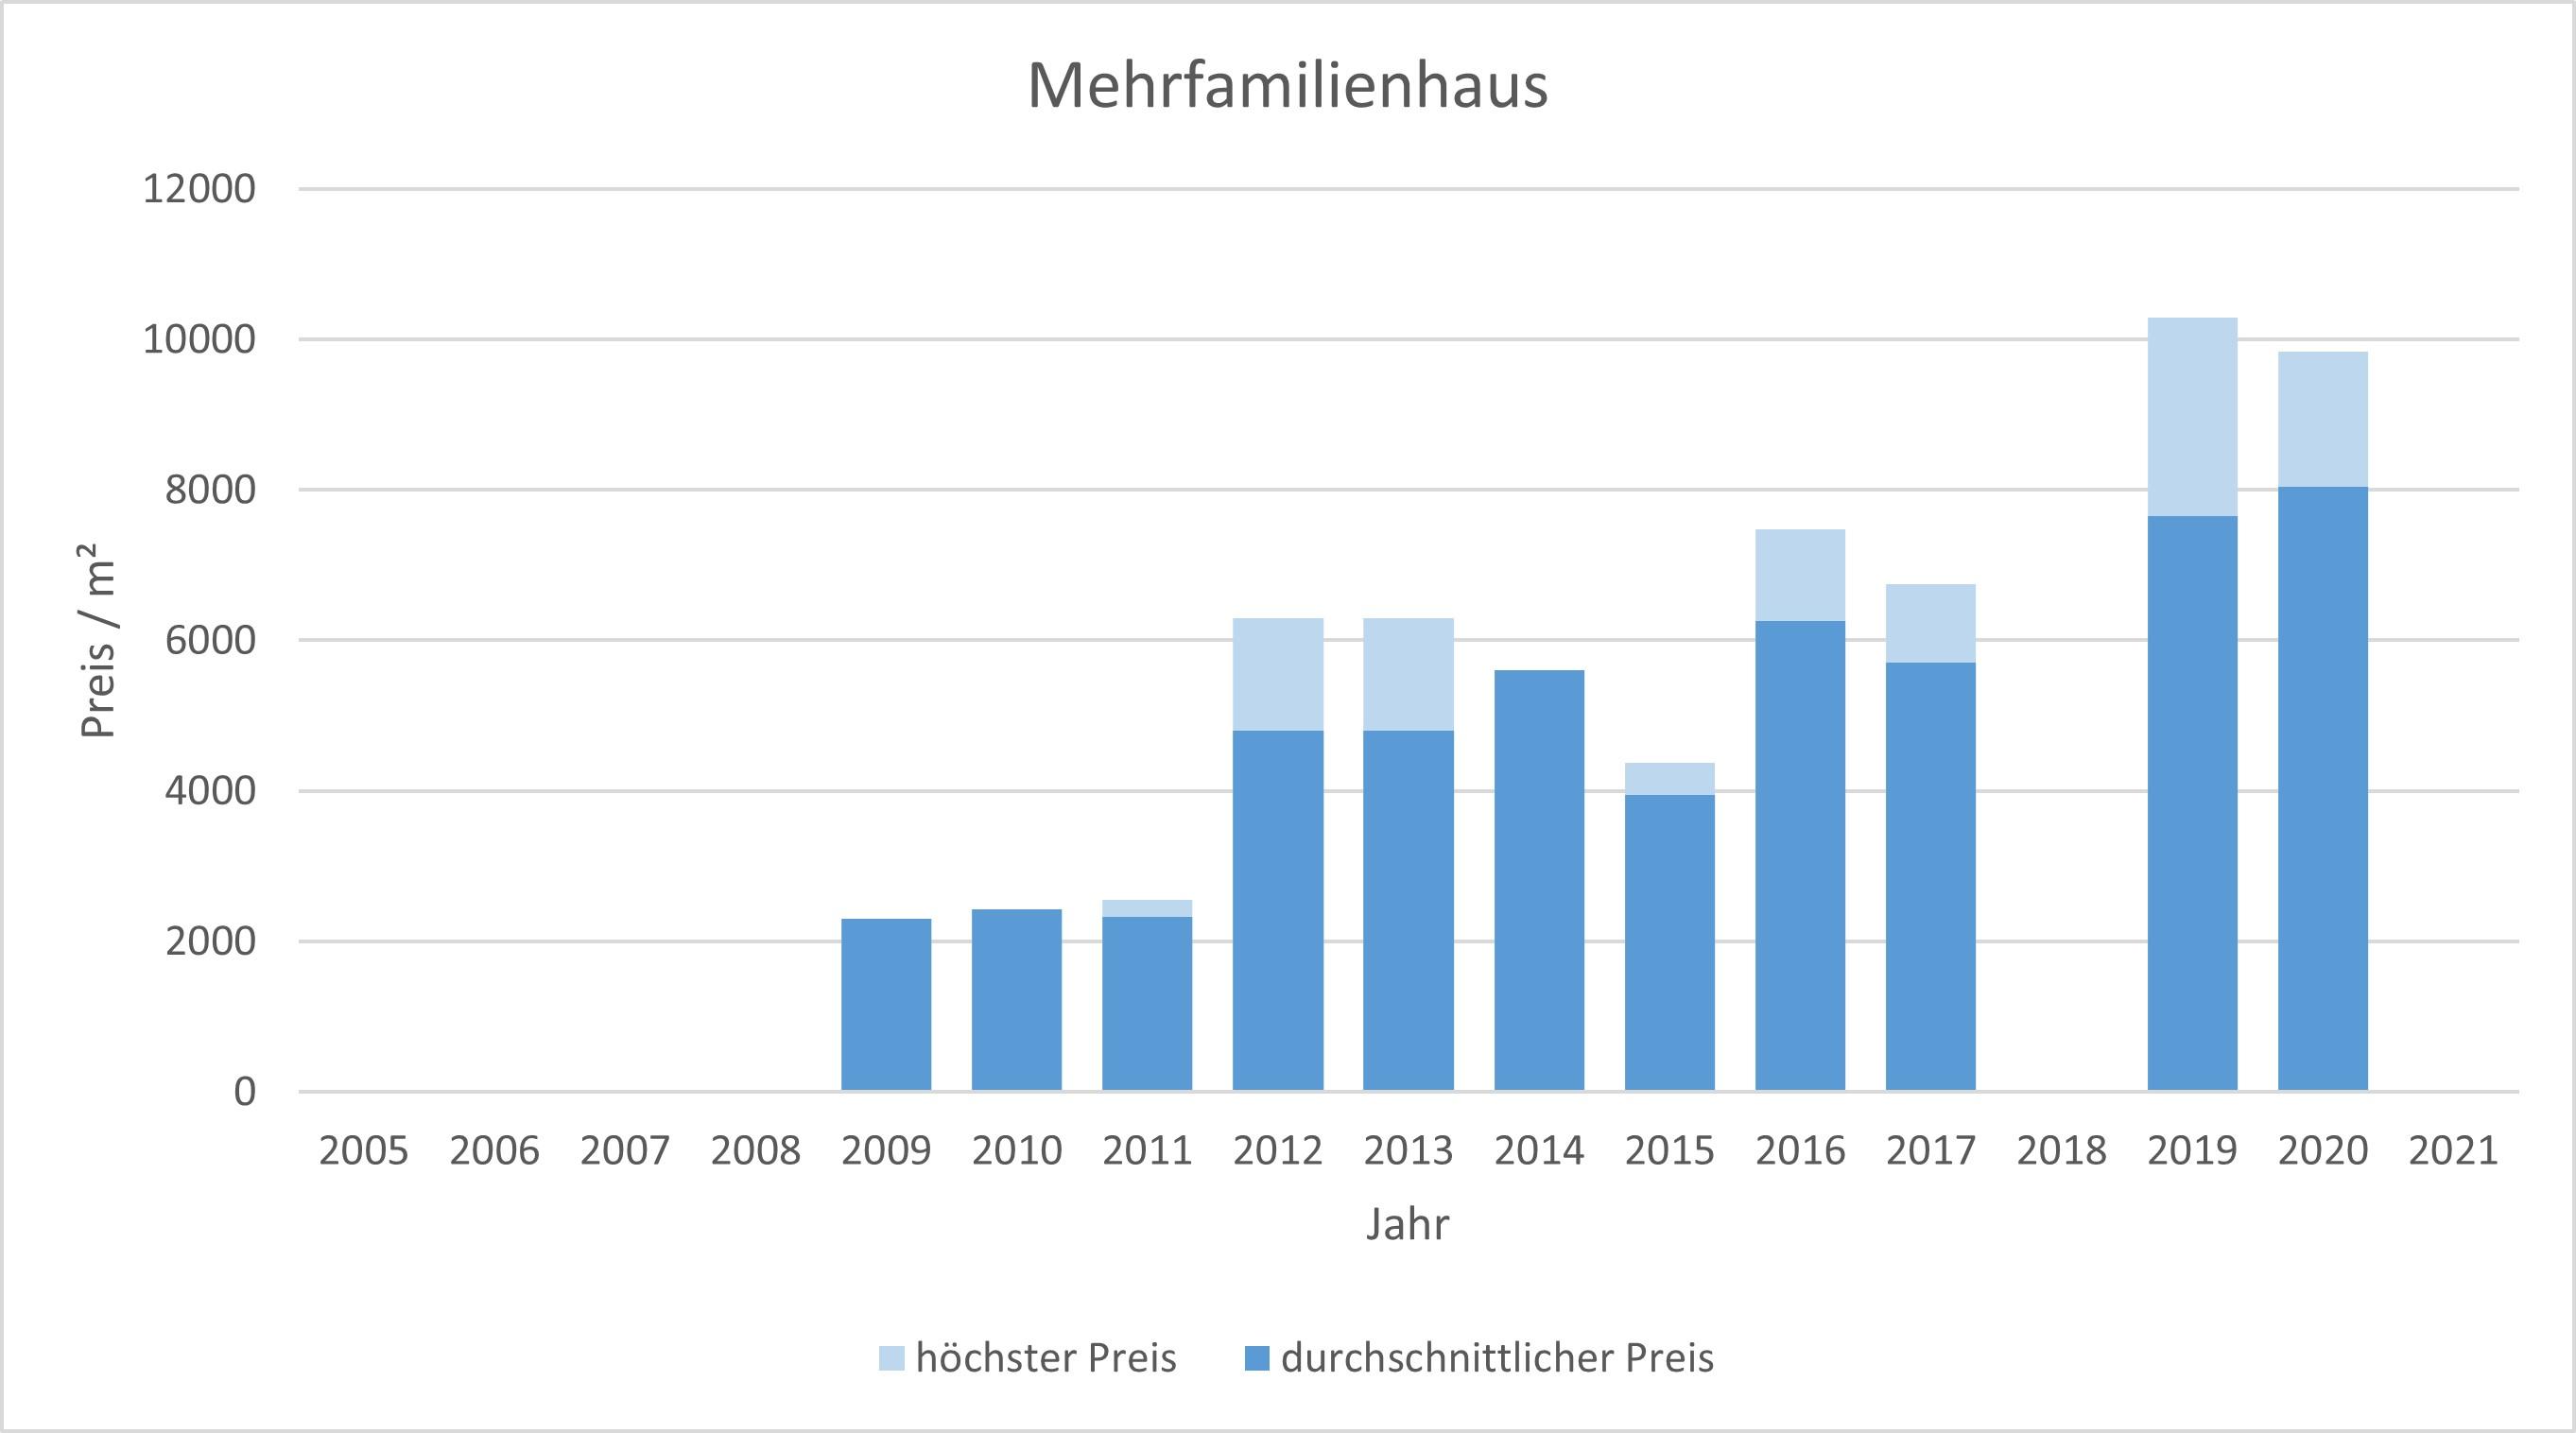 München - Hasenbergl Mehrfamilienhaus kaufen verkaufen Preis Bewertung 2019 2020 2021 Makler www.happy-immo.de